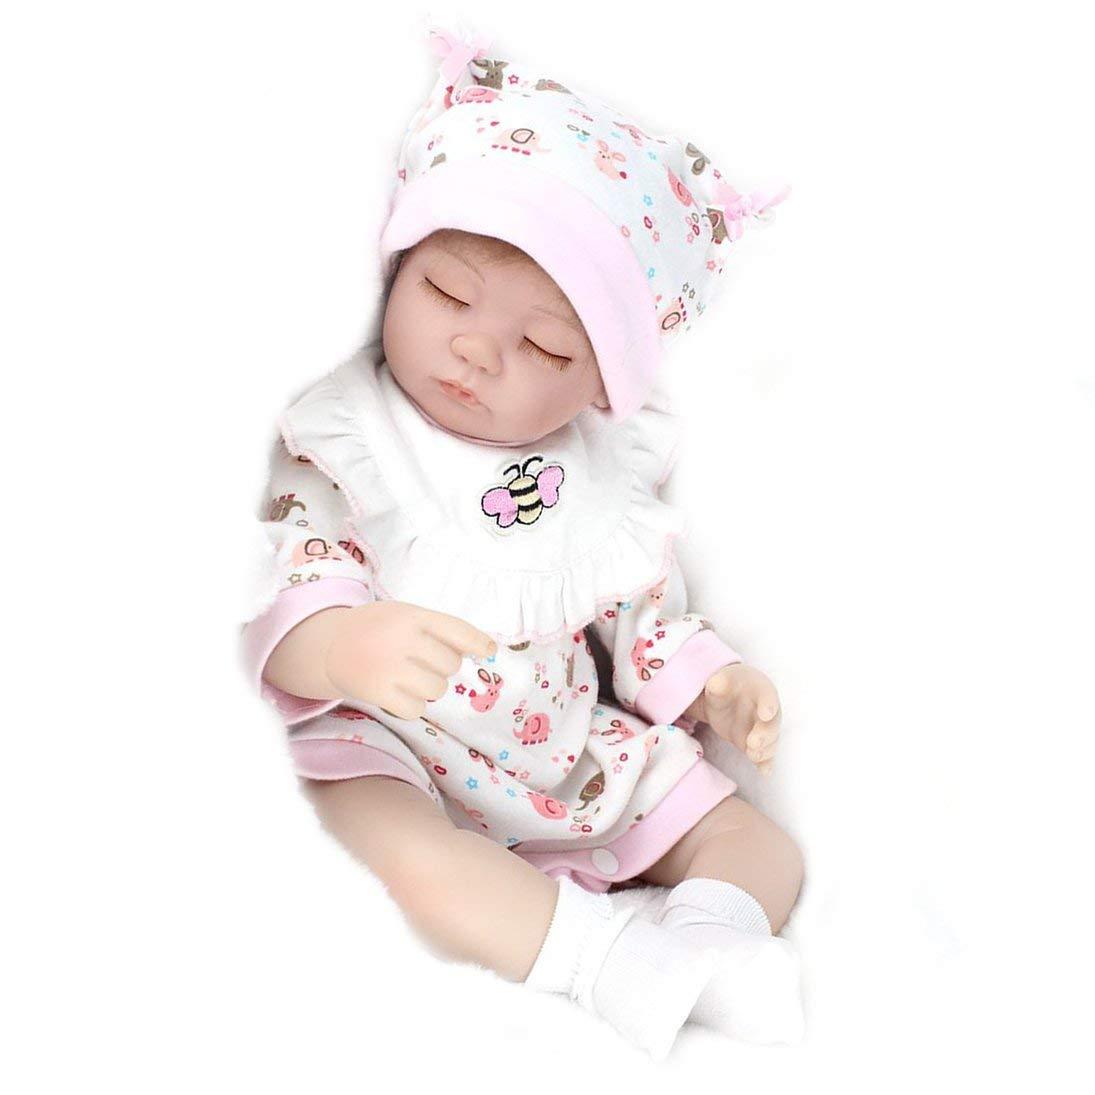 人気を誇る Baynne B07L32ZYX9 16インチ 本物そっくり 新生児 リボーンドール 子供 誕生日 眠る 子供 ベビードール 本物そっくり ハンドメイド 女の子のおもちゃ ピンクのよだれかけ付き B07L32ZYX9, Japan Net Golf:0d78f34e --- a0267596.xsph.ru